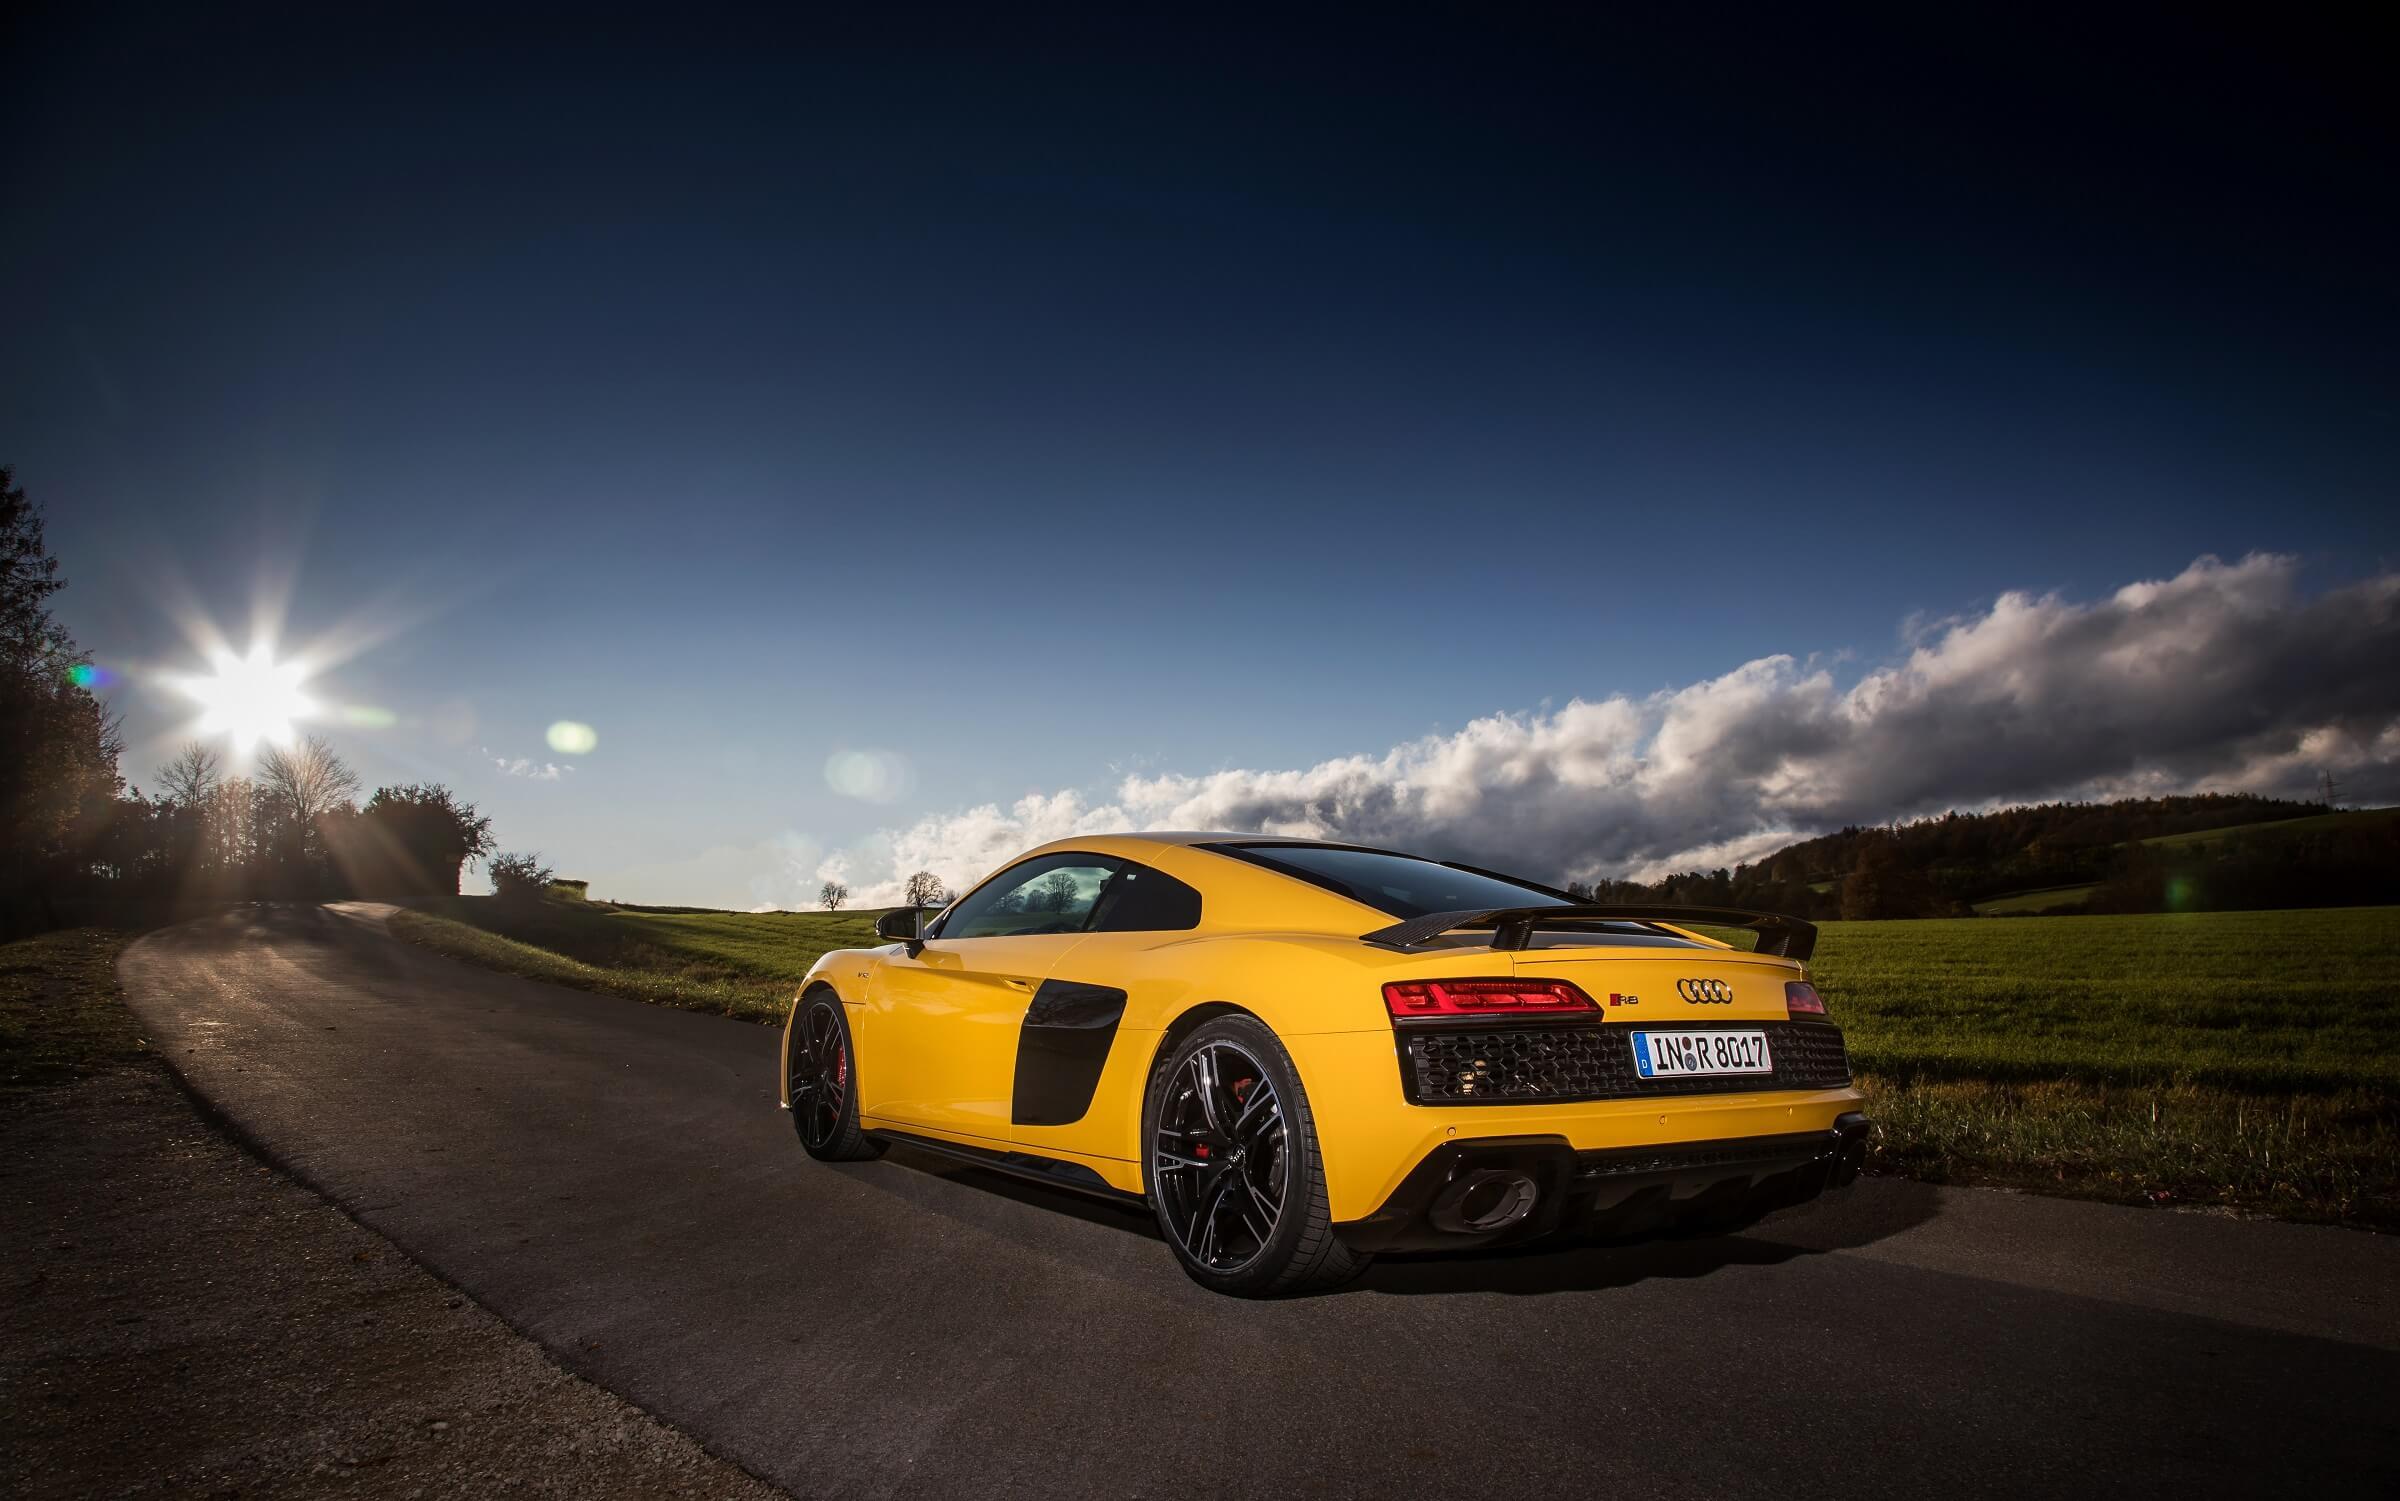 Η φιλοσοφία και οι λεπτομέρειες πίσω από την κατασκευή ενός Audi RS